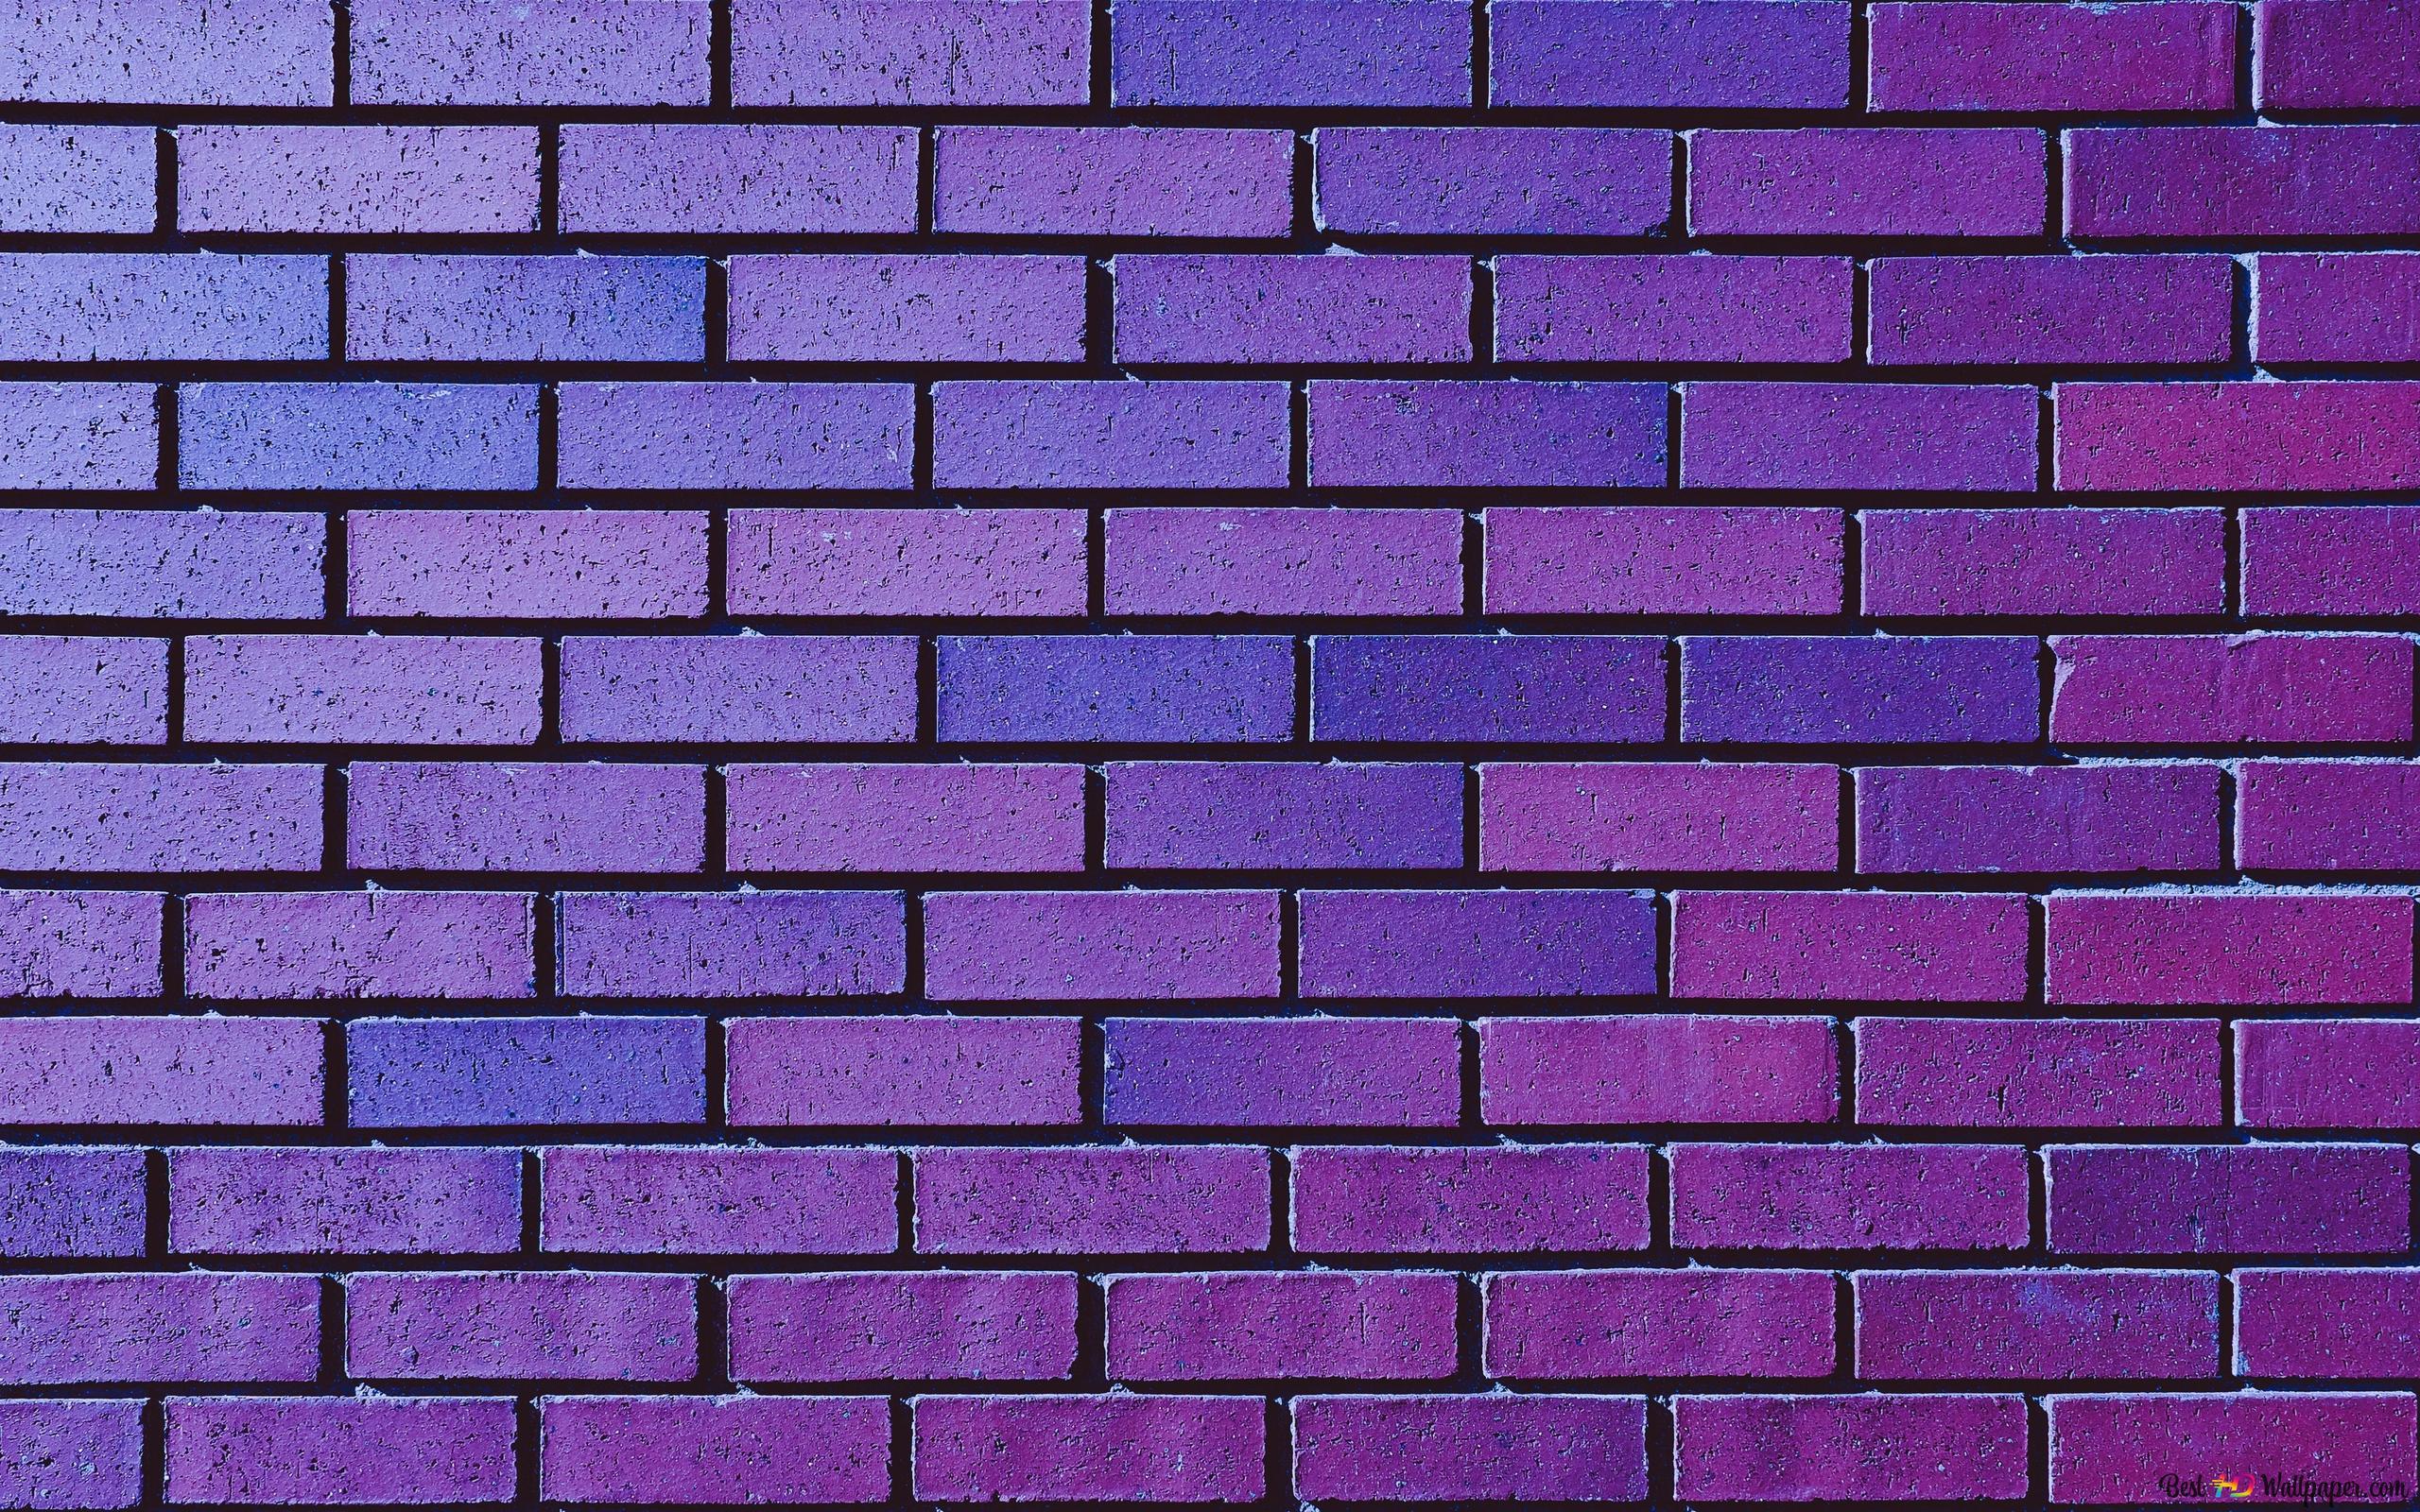 パープルの壁 Hd壁紙のダウンロード